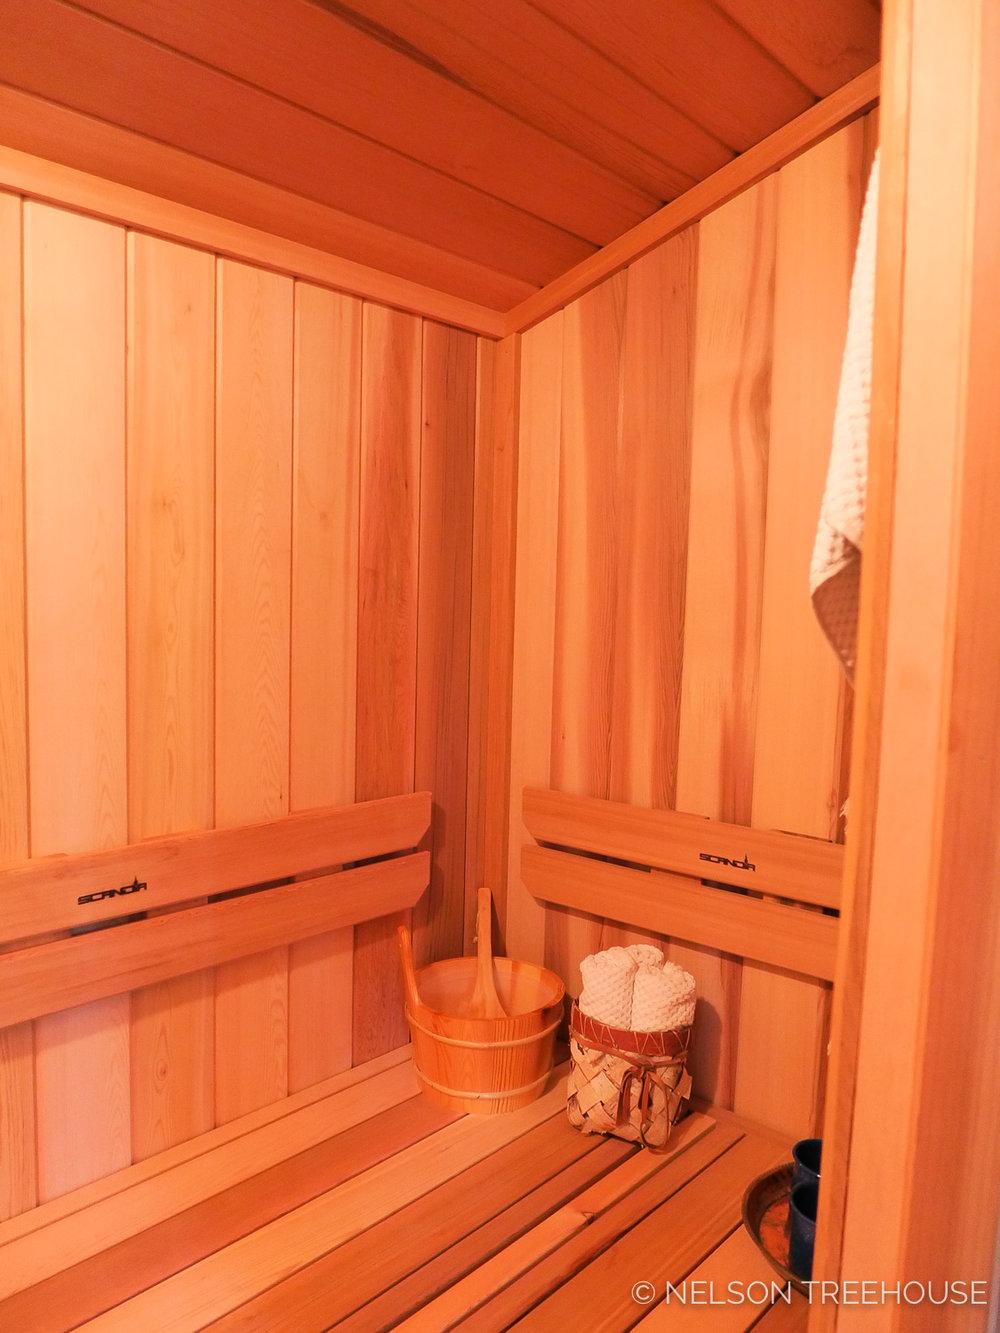 Alaskan Sauna Hut -Sauna Room view 2 - Nelson Treehouse